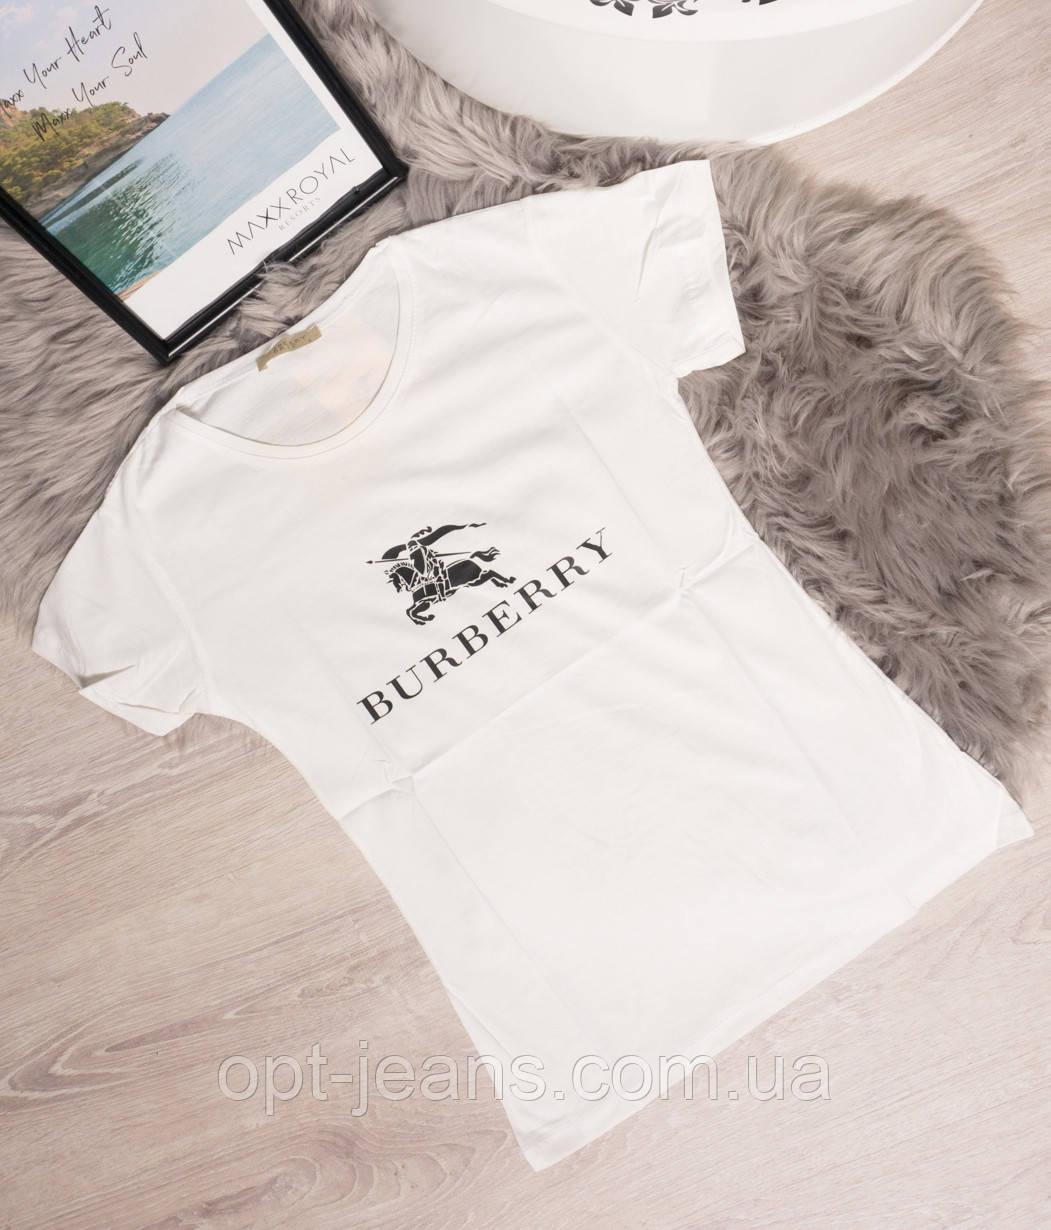 19099-B молочный X футболка женская с принтом летняя стрейчевая (S-L, 5 ед.)